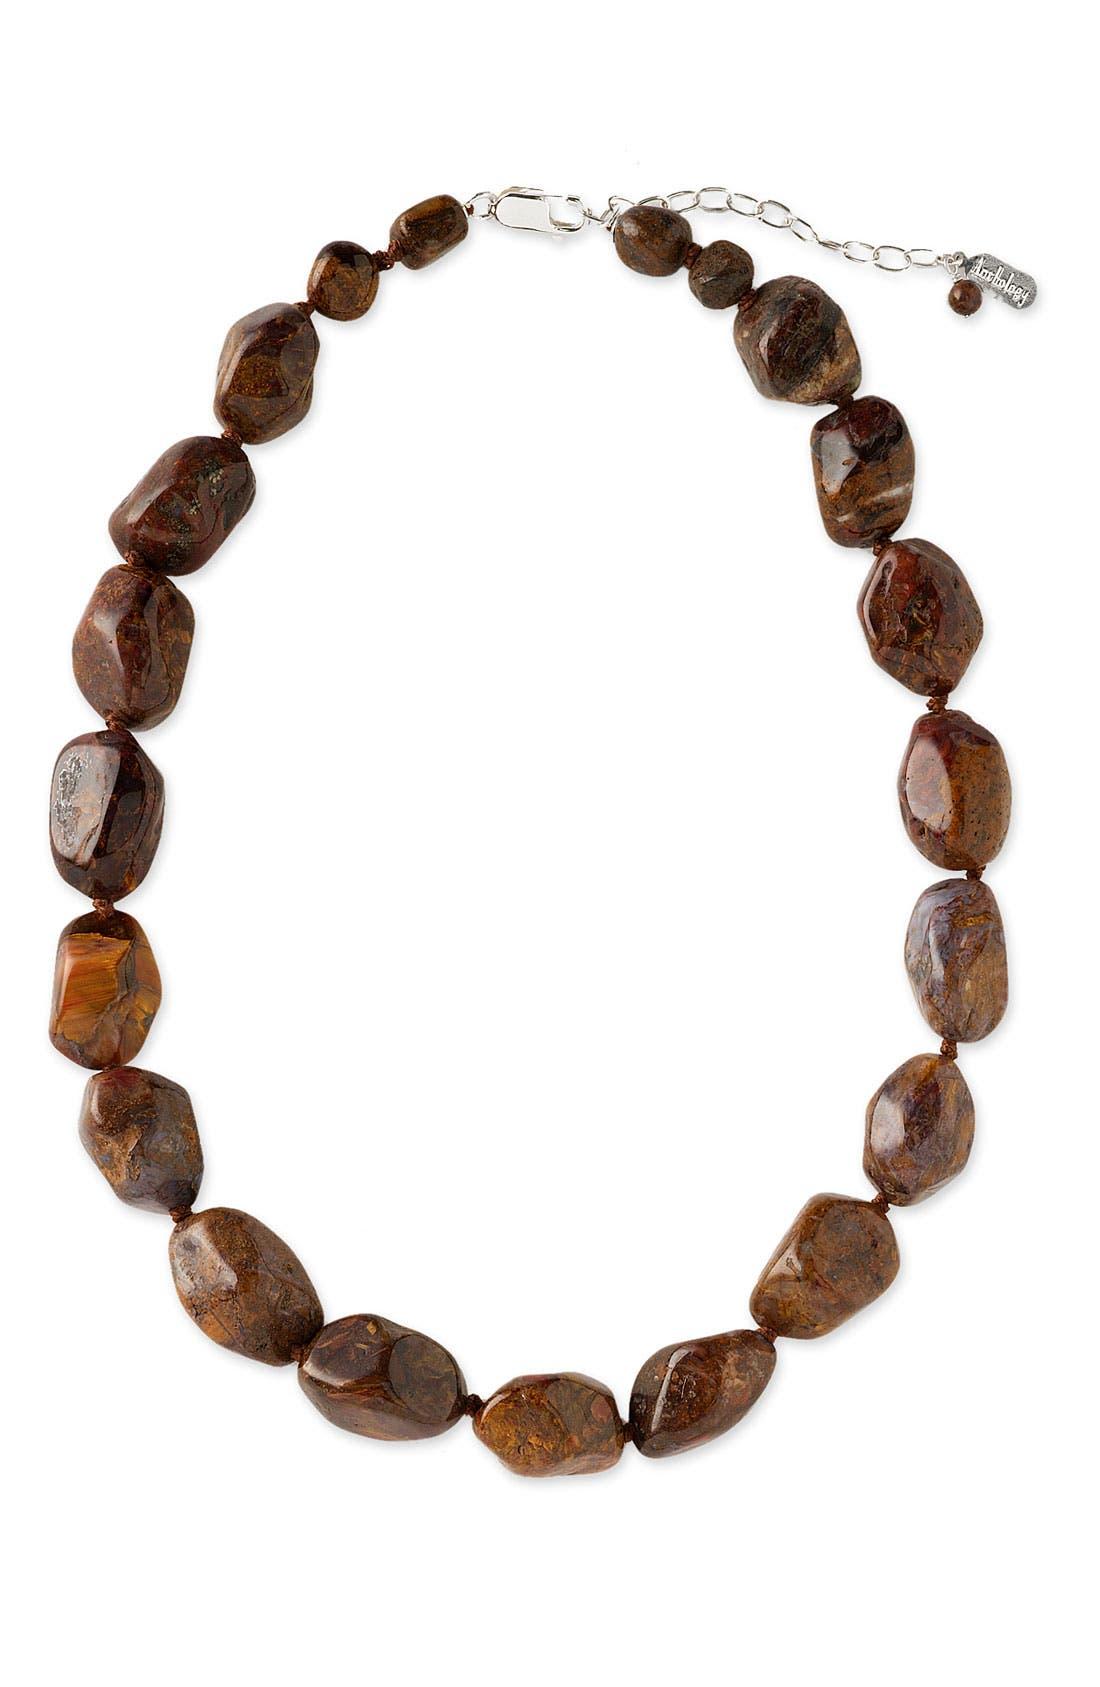 Alternate Image 1 Selected - Anthology Semiprecious Stone Necklace